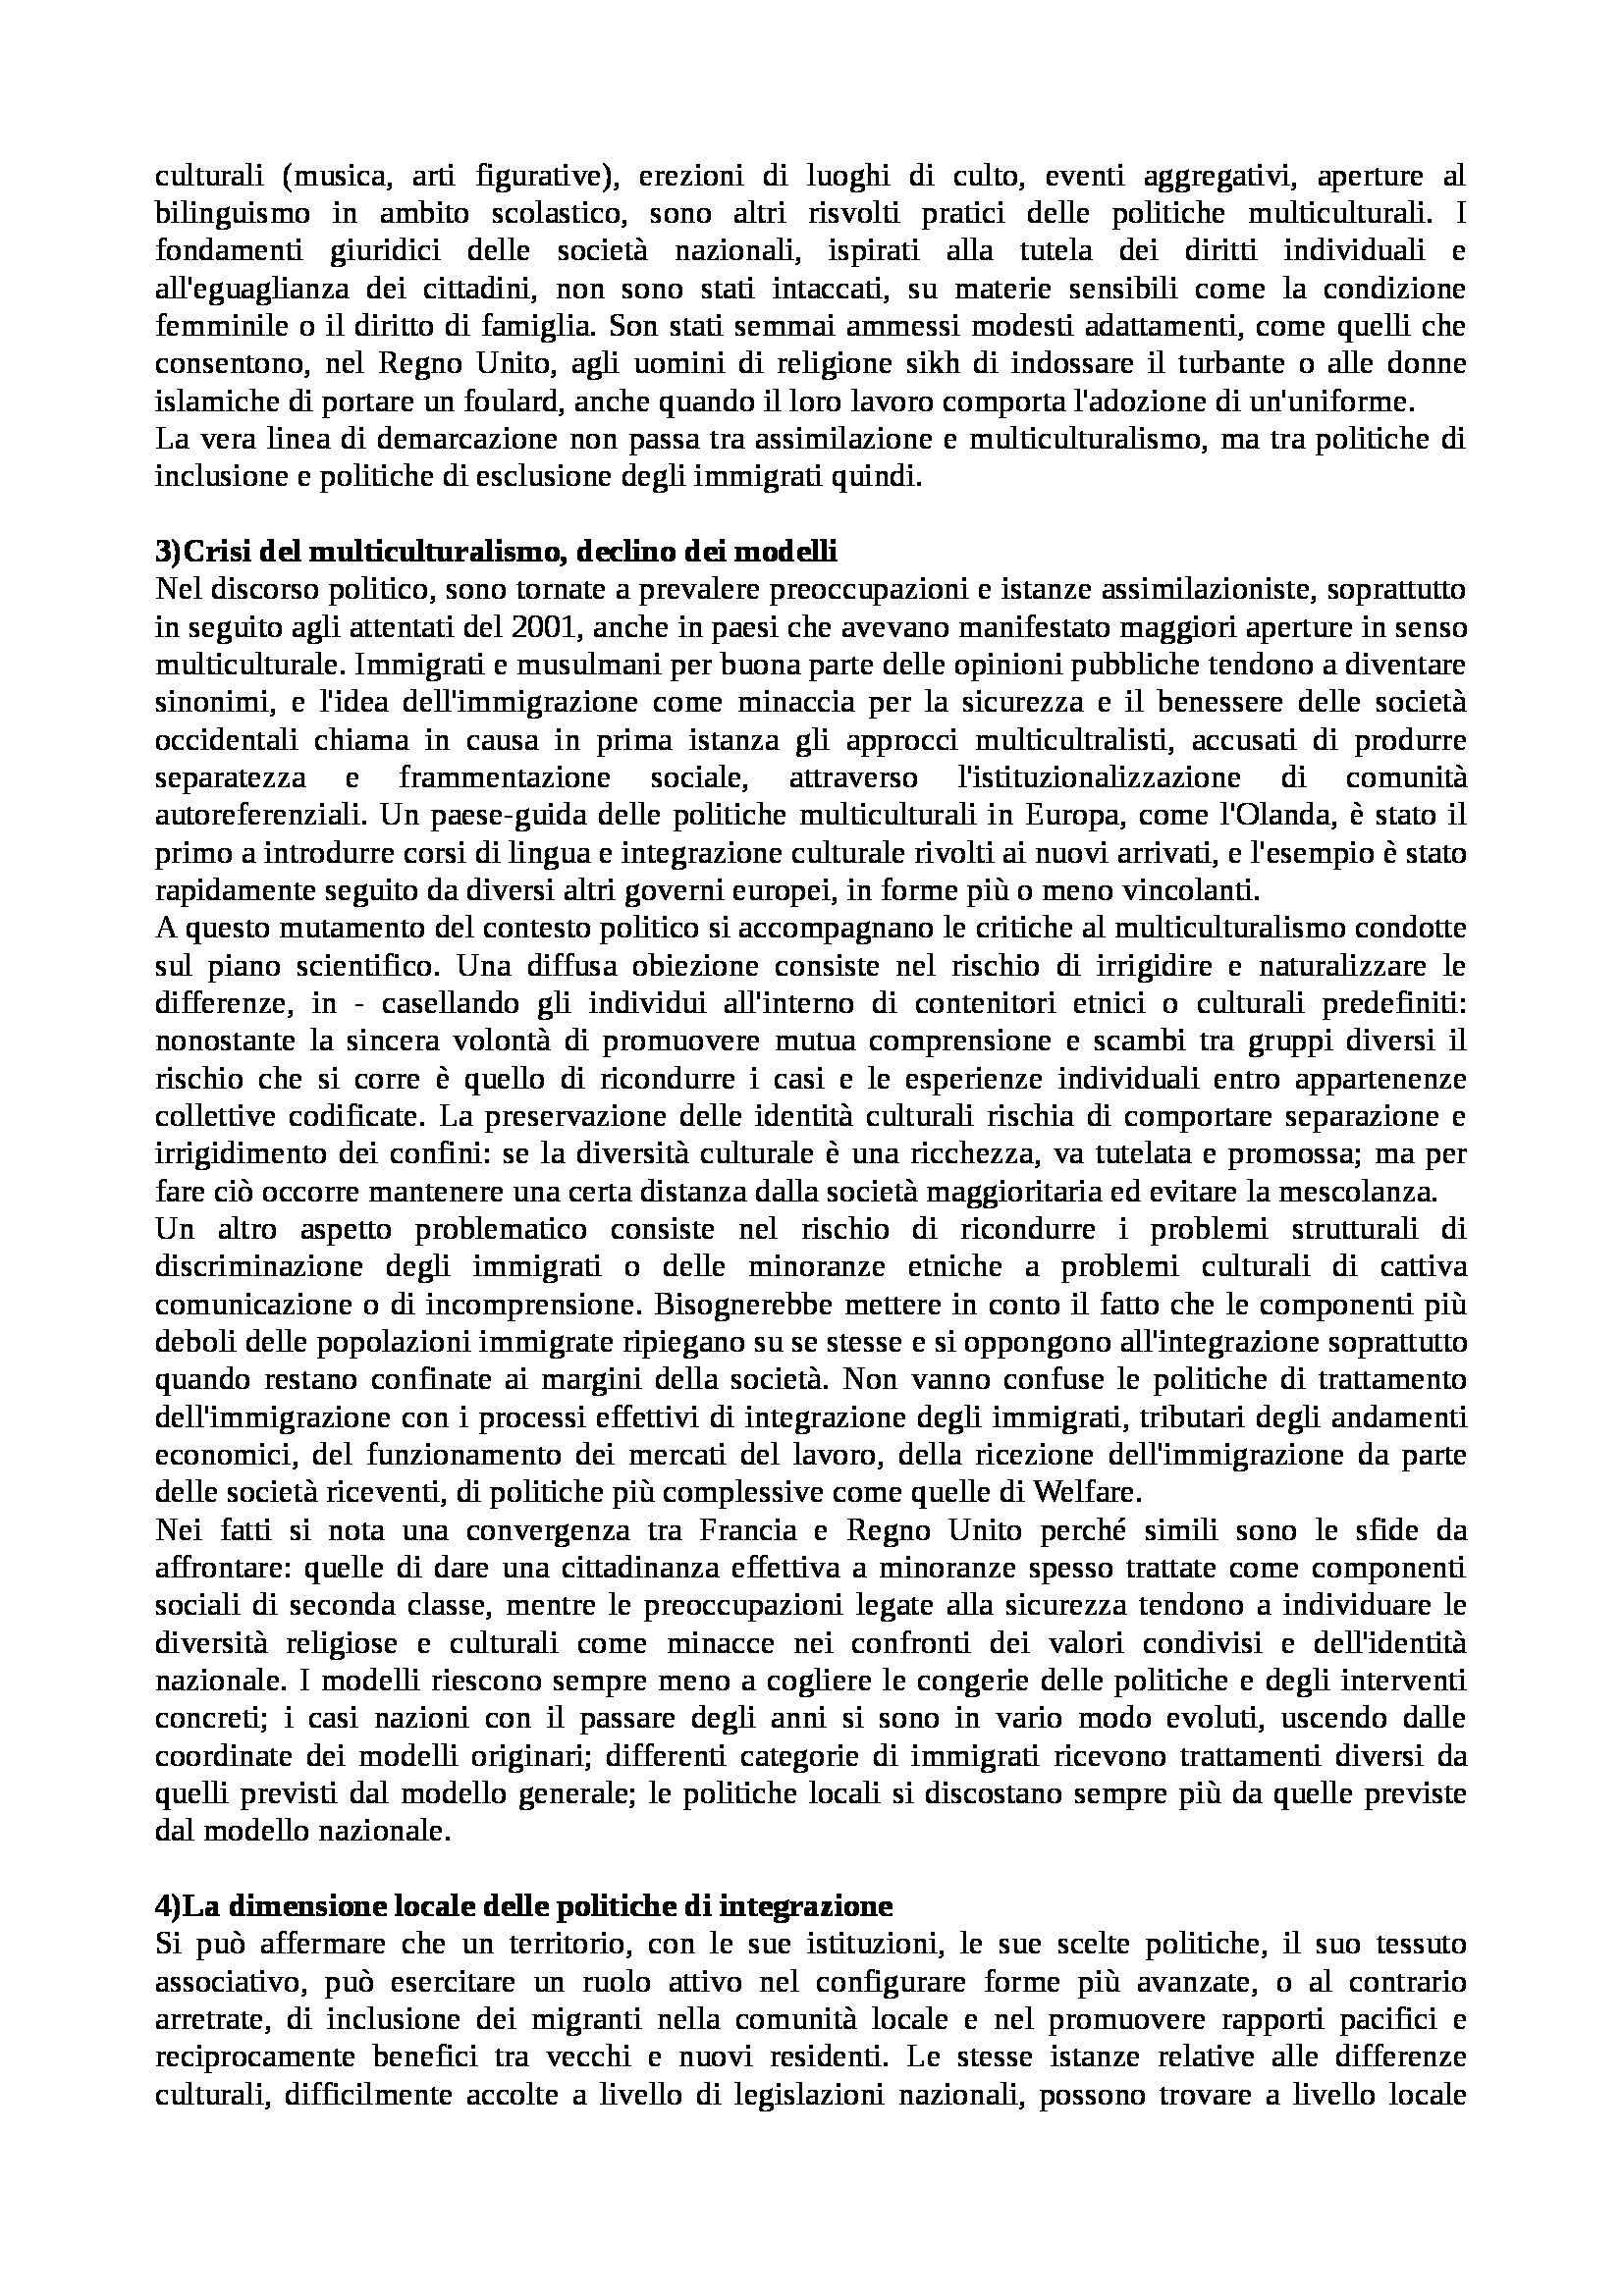 Riassunto esame Istituzioni di Sociologia, libro adottato Processi e Trasformazioni Sociali, Sciolla Pag. 31